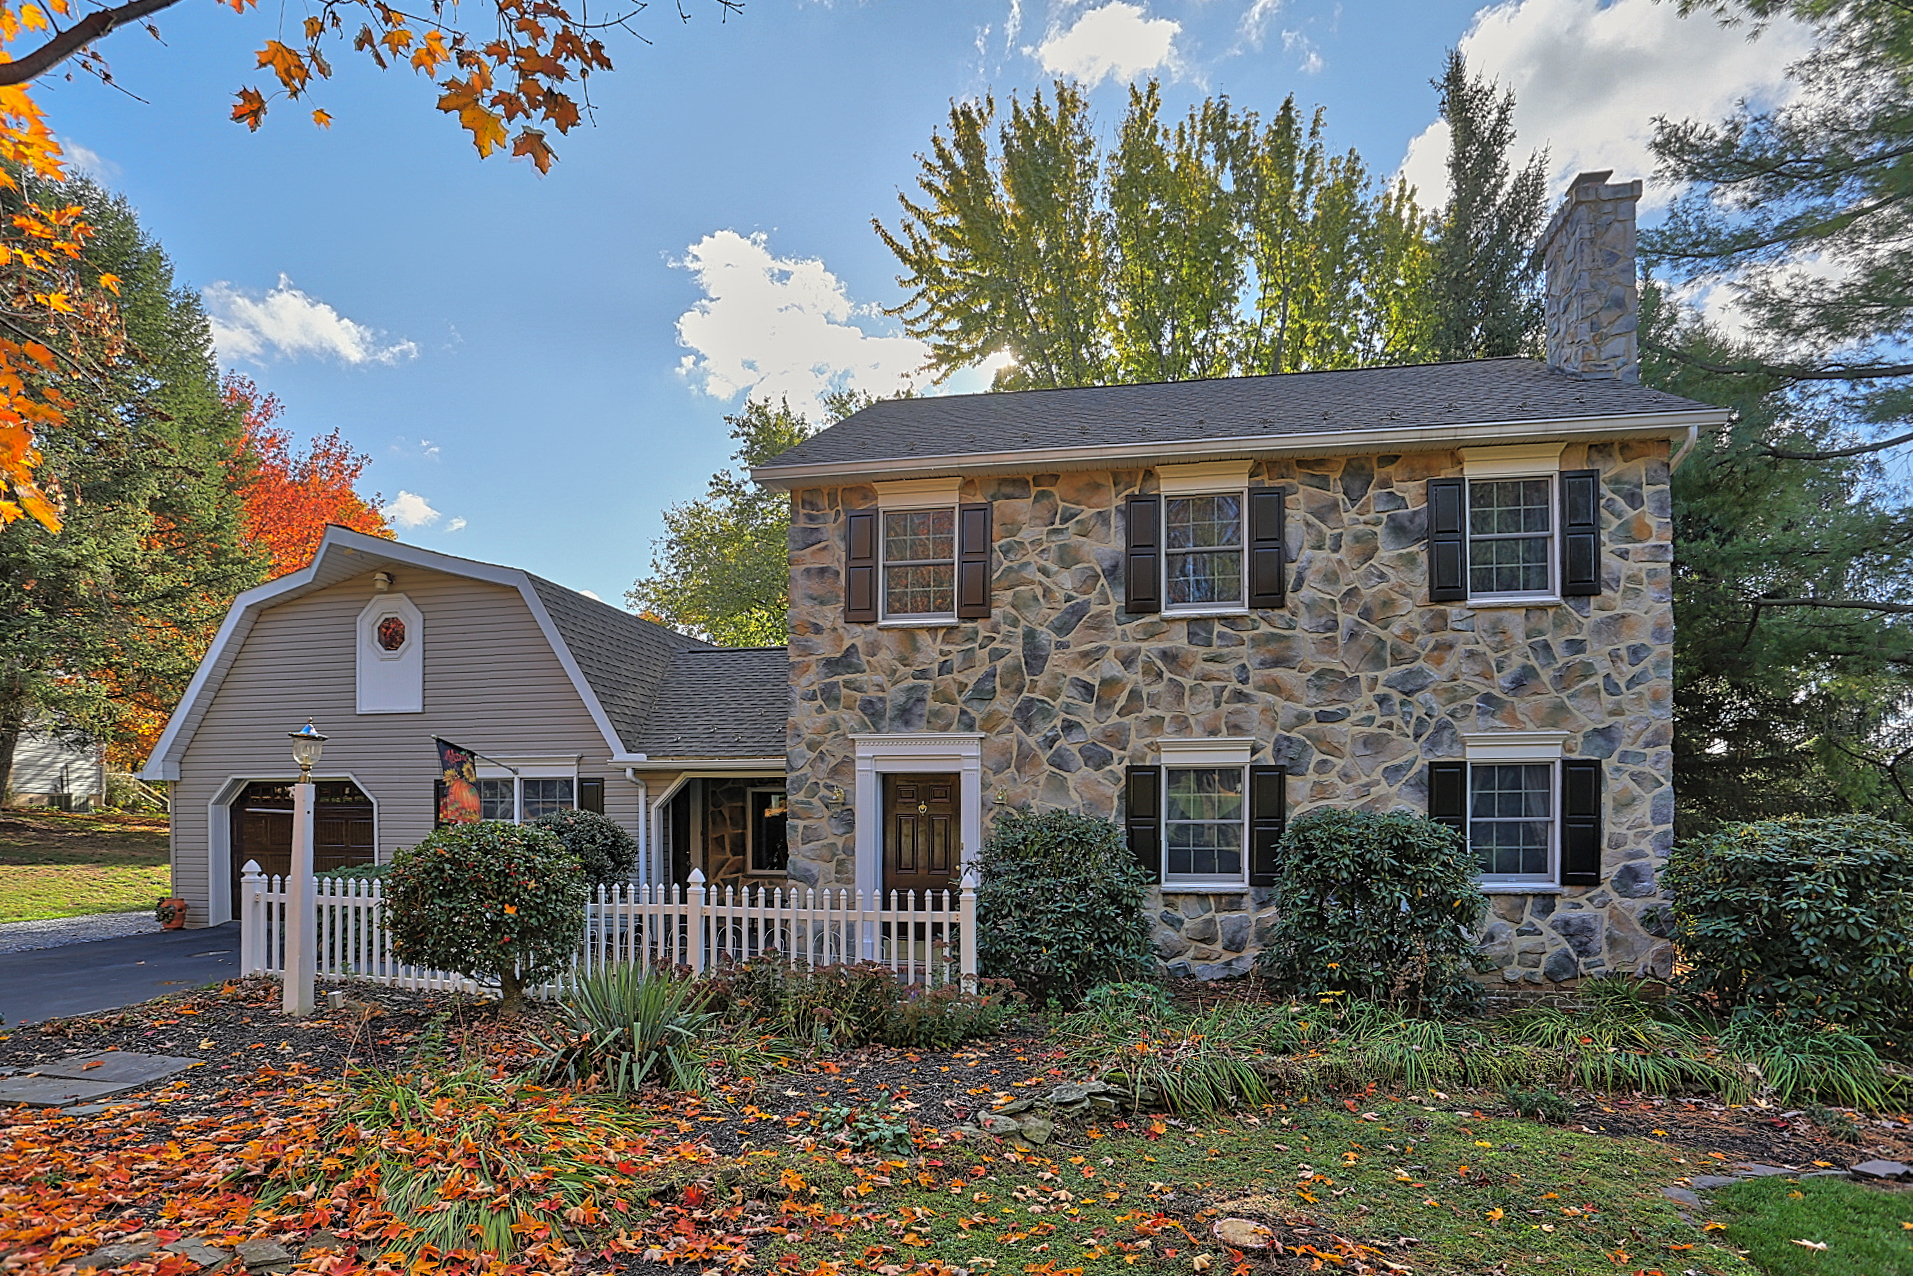 独户住宅 为 销售 在 641 Bedington Circle 曼海姆, 17545 美国